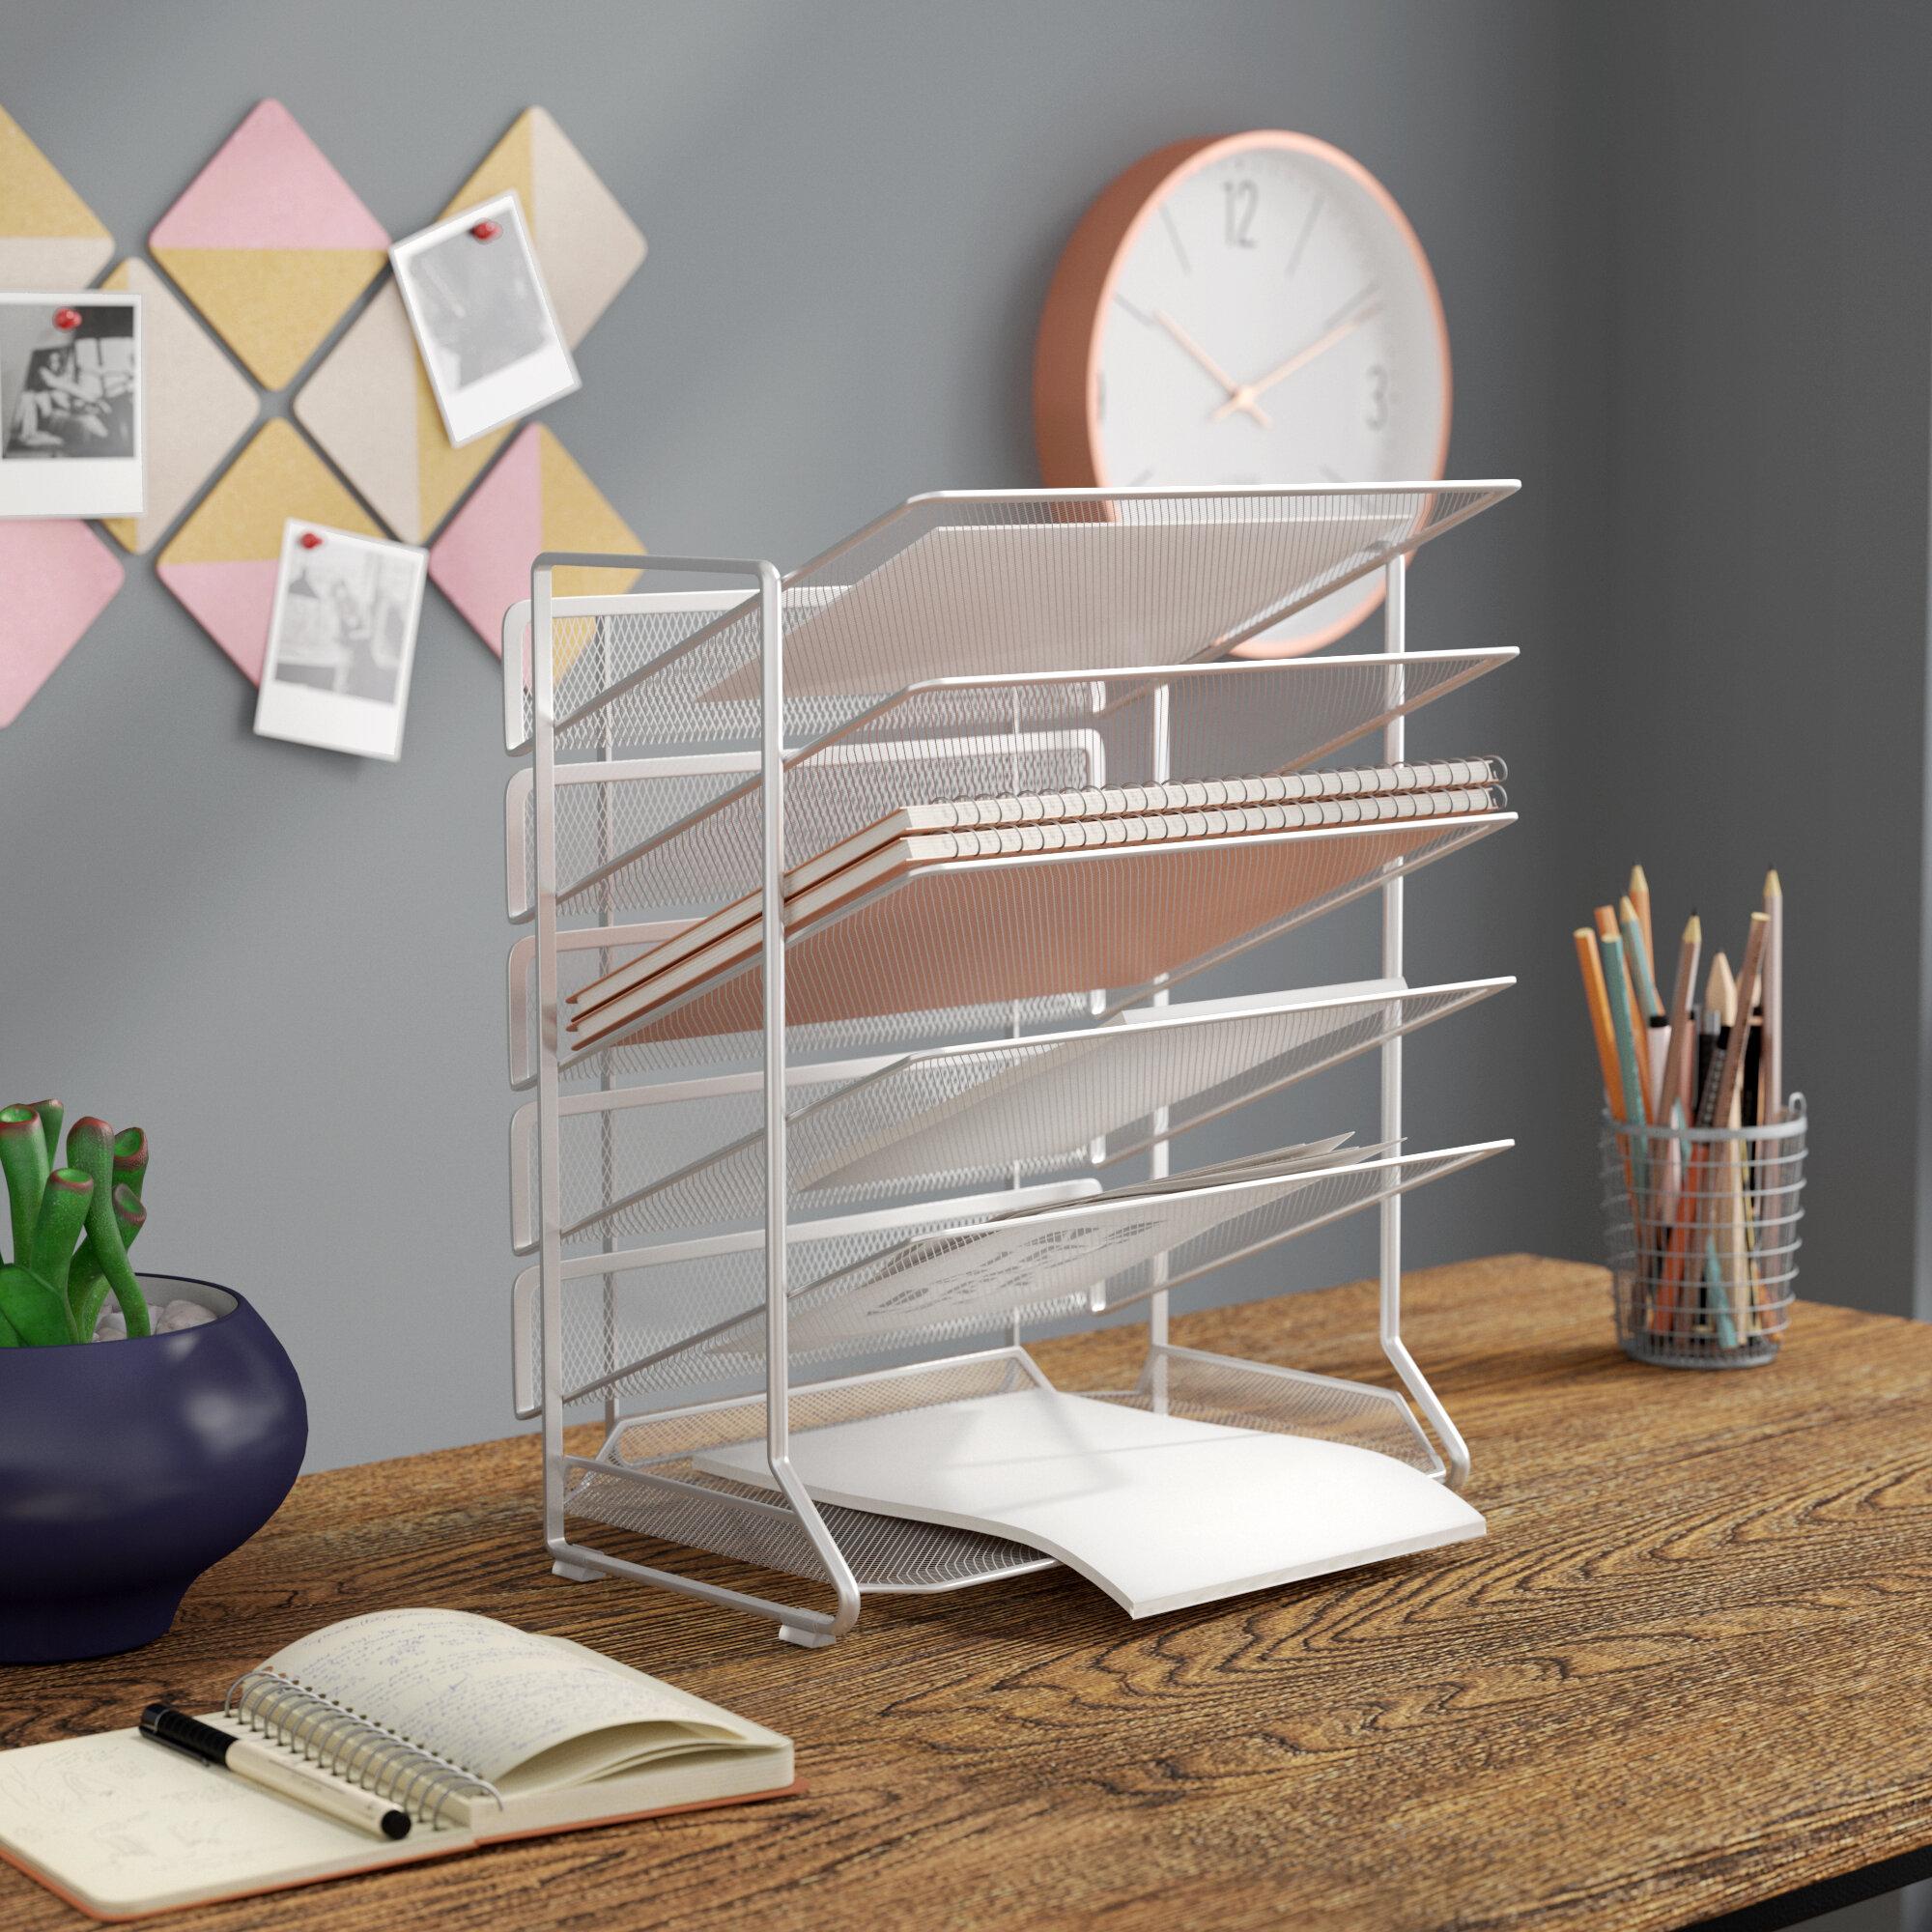 Pleasant Dwain Office Desk Organizer Download Free Architecture Designs Scobabritishbridgeorg